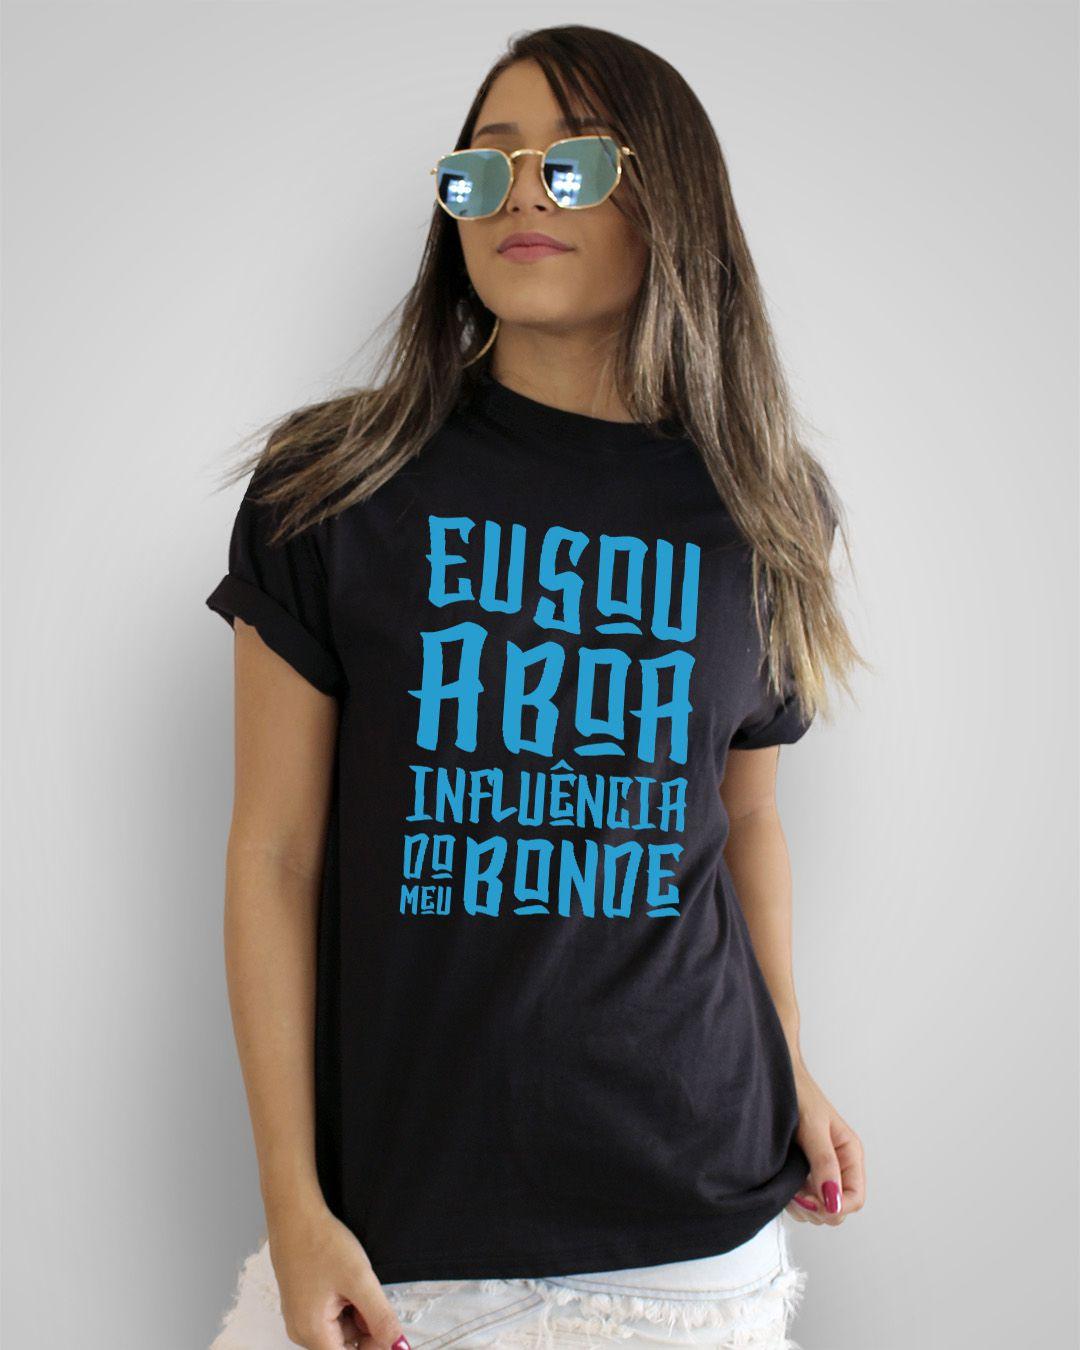 Camiseta Eu sou a boa influência do meu bonde